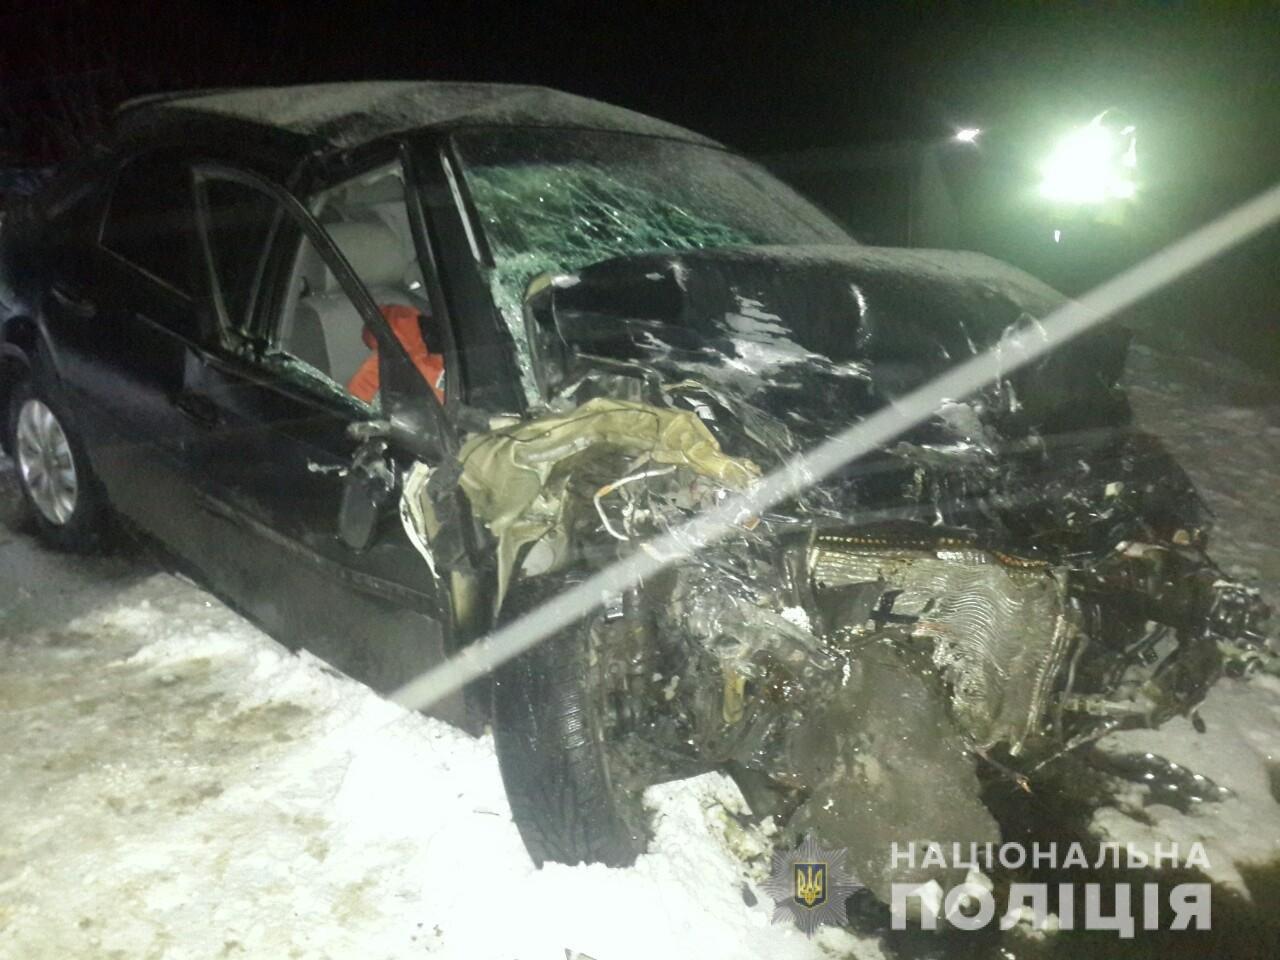 В Мелитопольском районе произошло смертельное ДТП , - ФОТО, фото-1